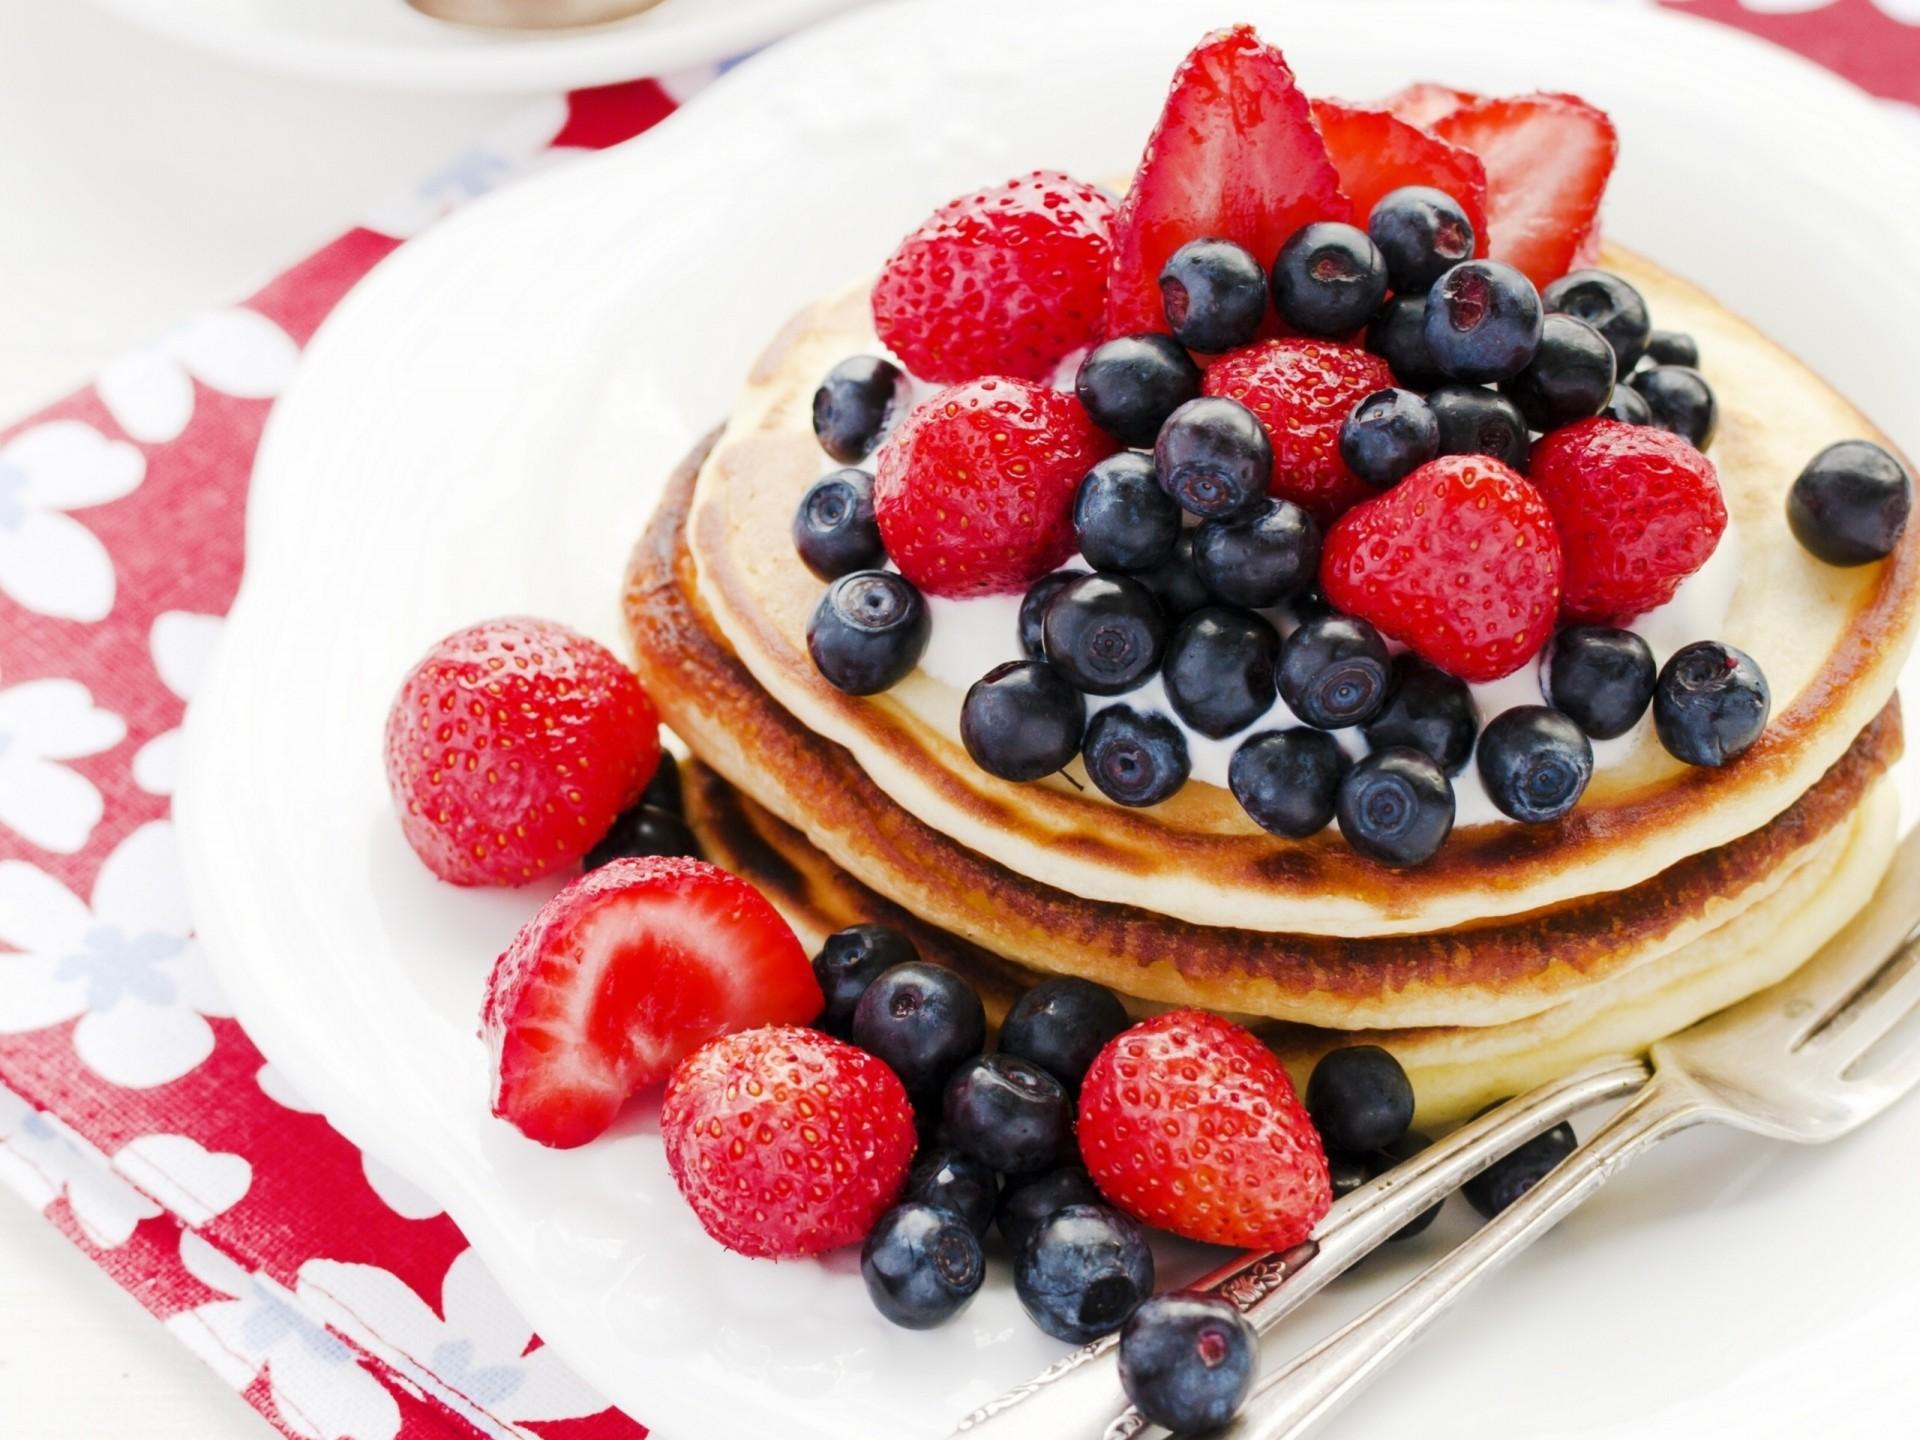 стопка блины фрукты ягоды бесплатно